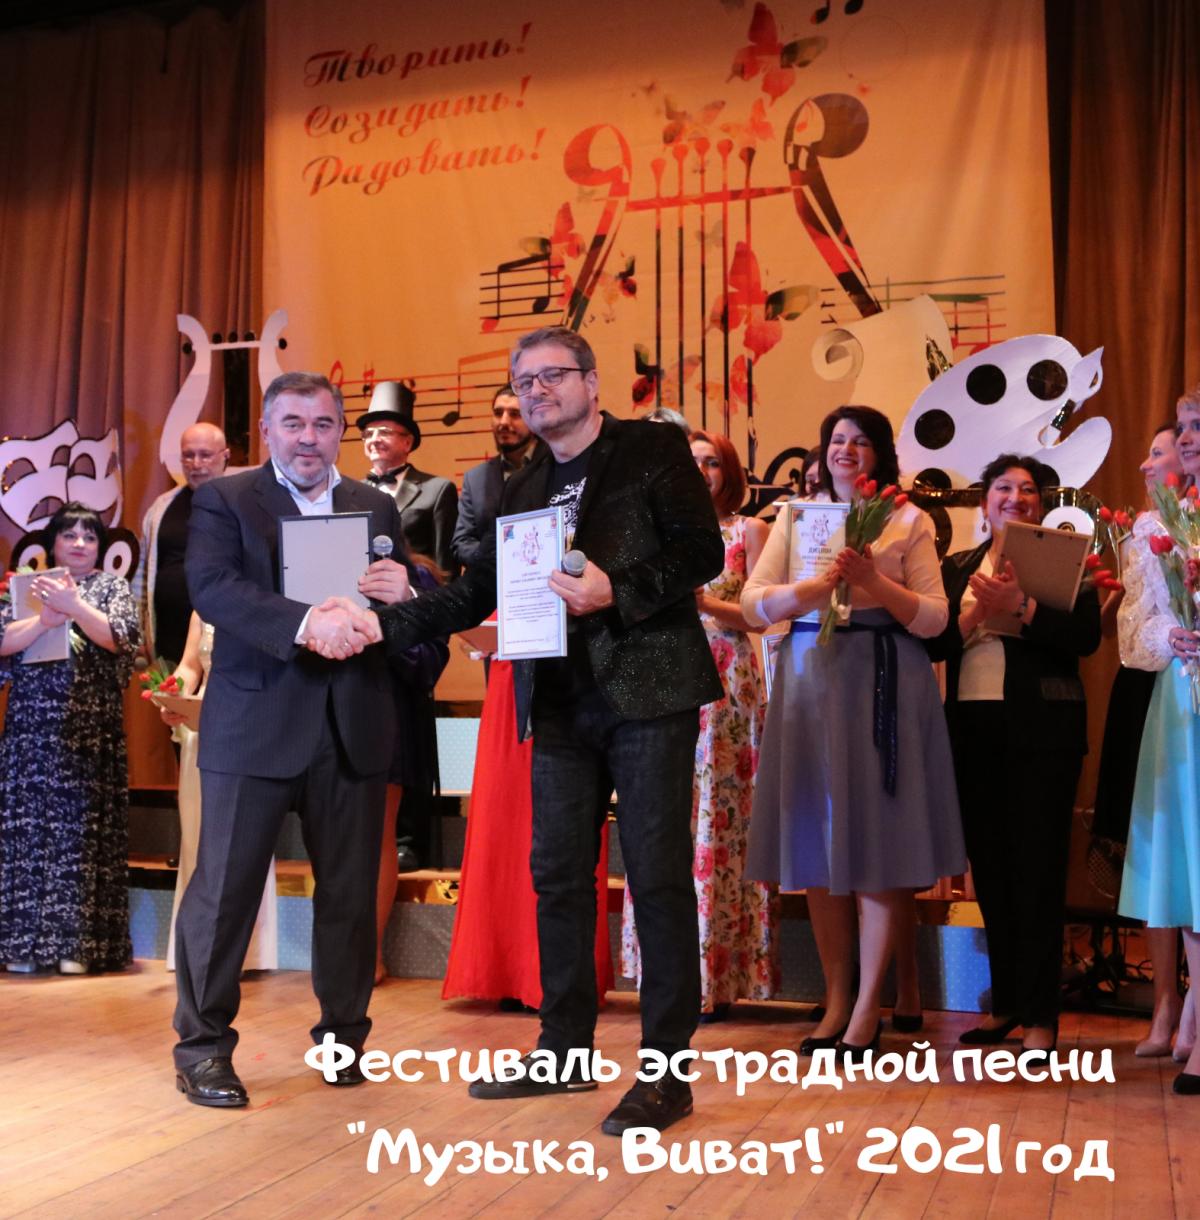 Фестиваль эстрадной песни _Музыка, Виват!_ 2021 год (4)